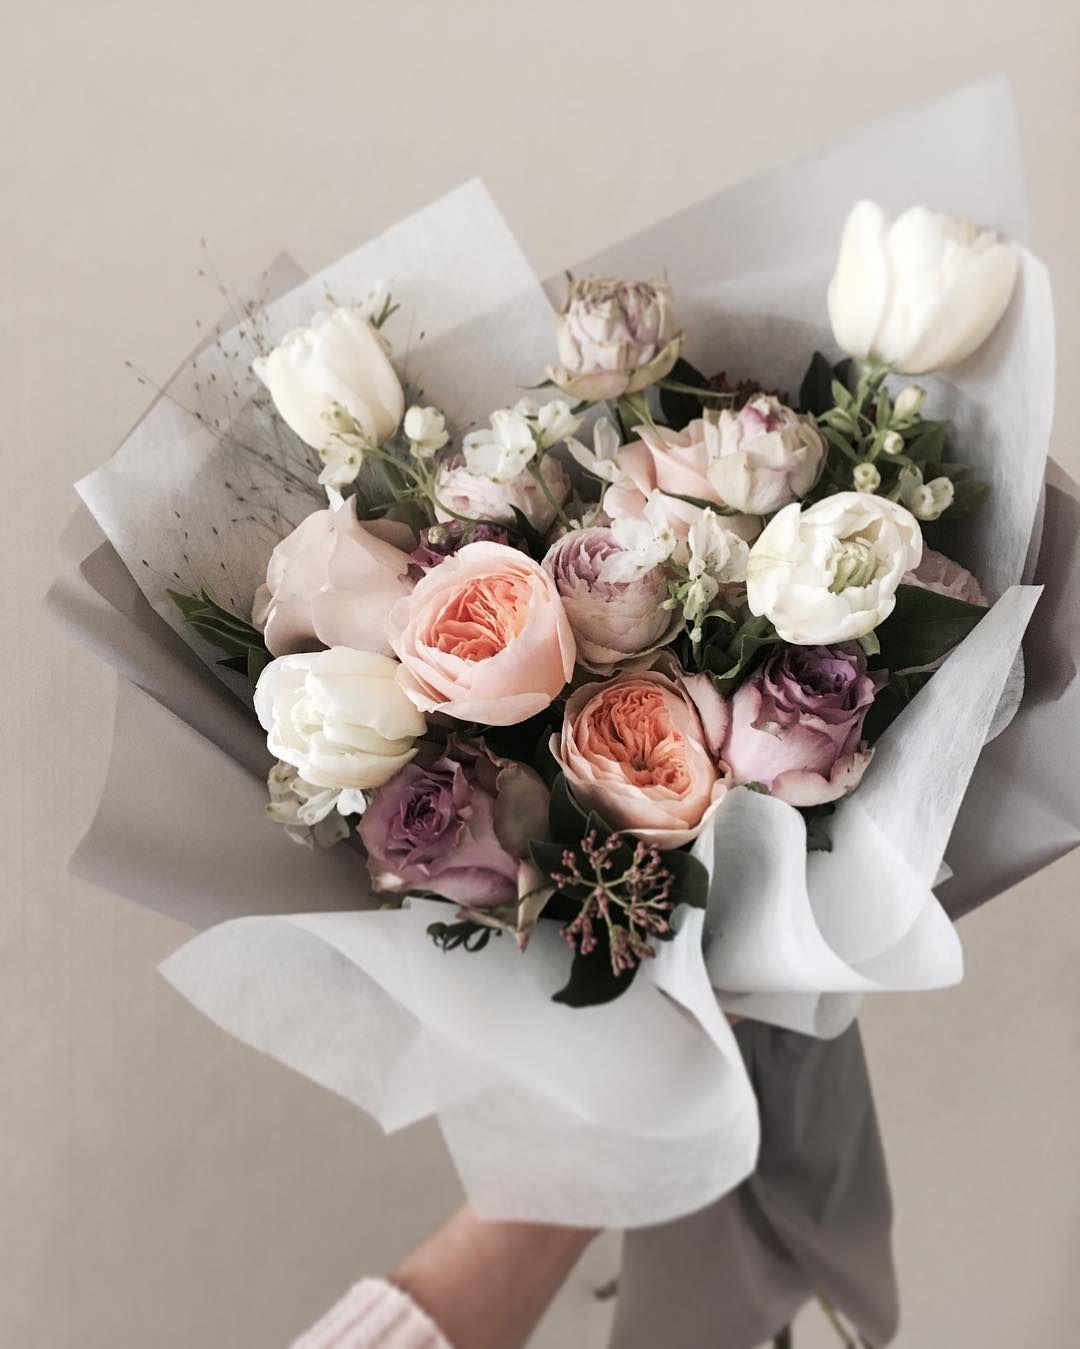 Wedding Flower Arrangements Pinterest: Pinterest ↠ Rizkysaputrahad